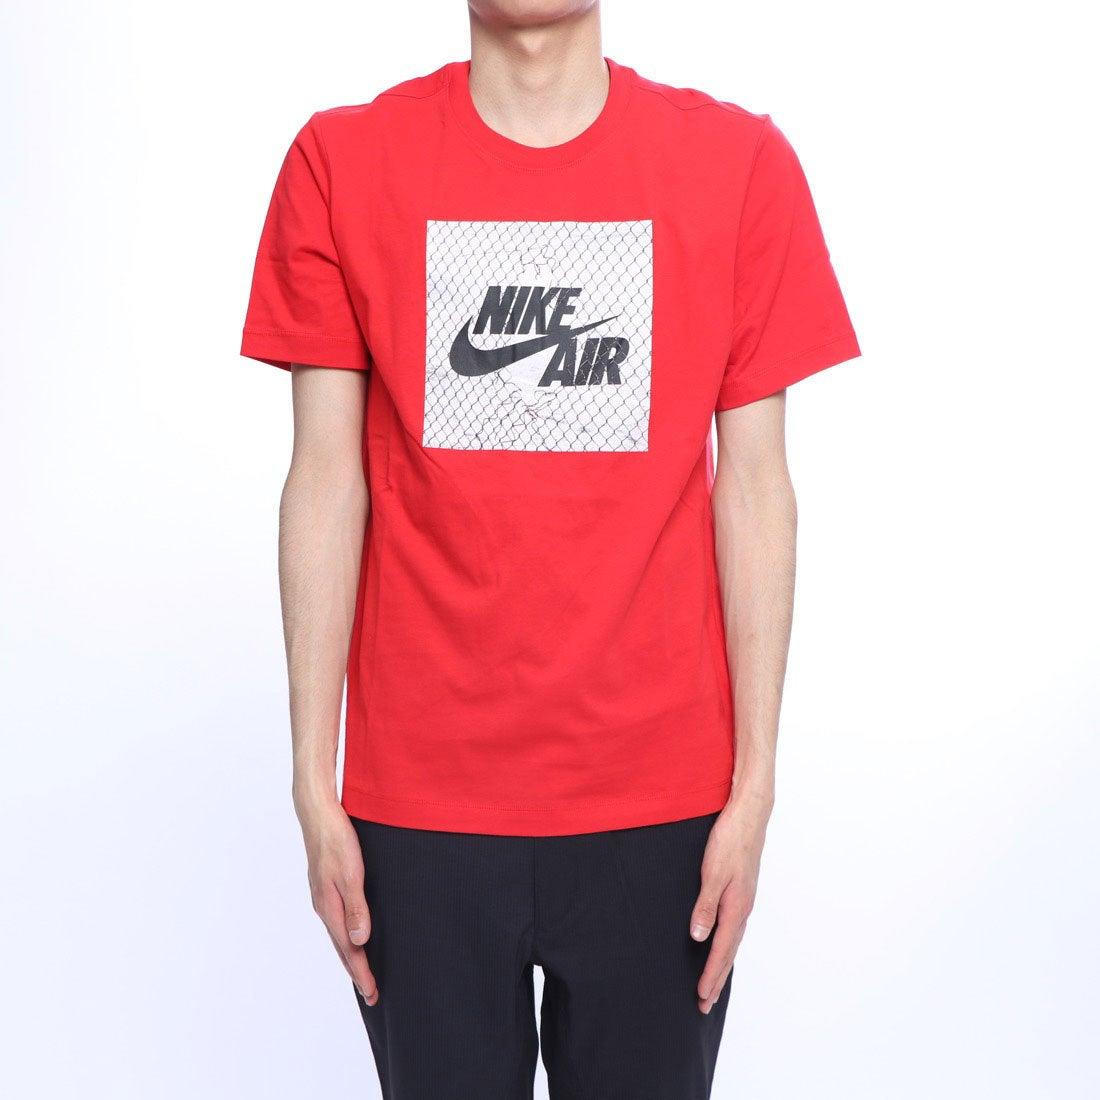 48e9510b5b80b ナイキ NIKE メンズ 半袖Tシャツ ナイキ SZNL コア S/S Tシャツ 9 AR5034657 -レディースファッション通販  ロコンドガールズコレクション (ロココレ)